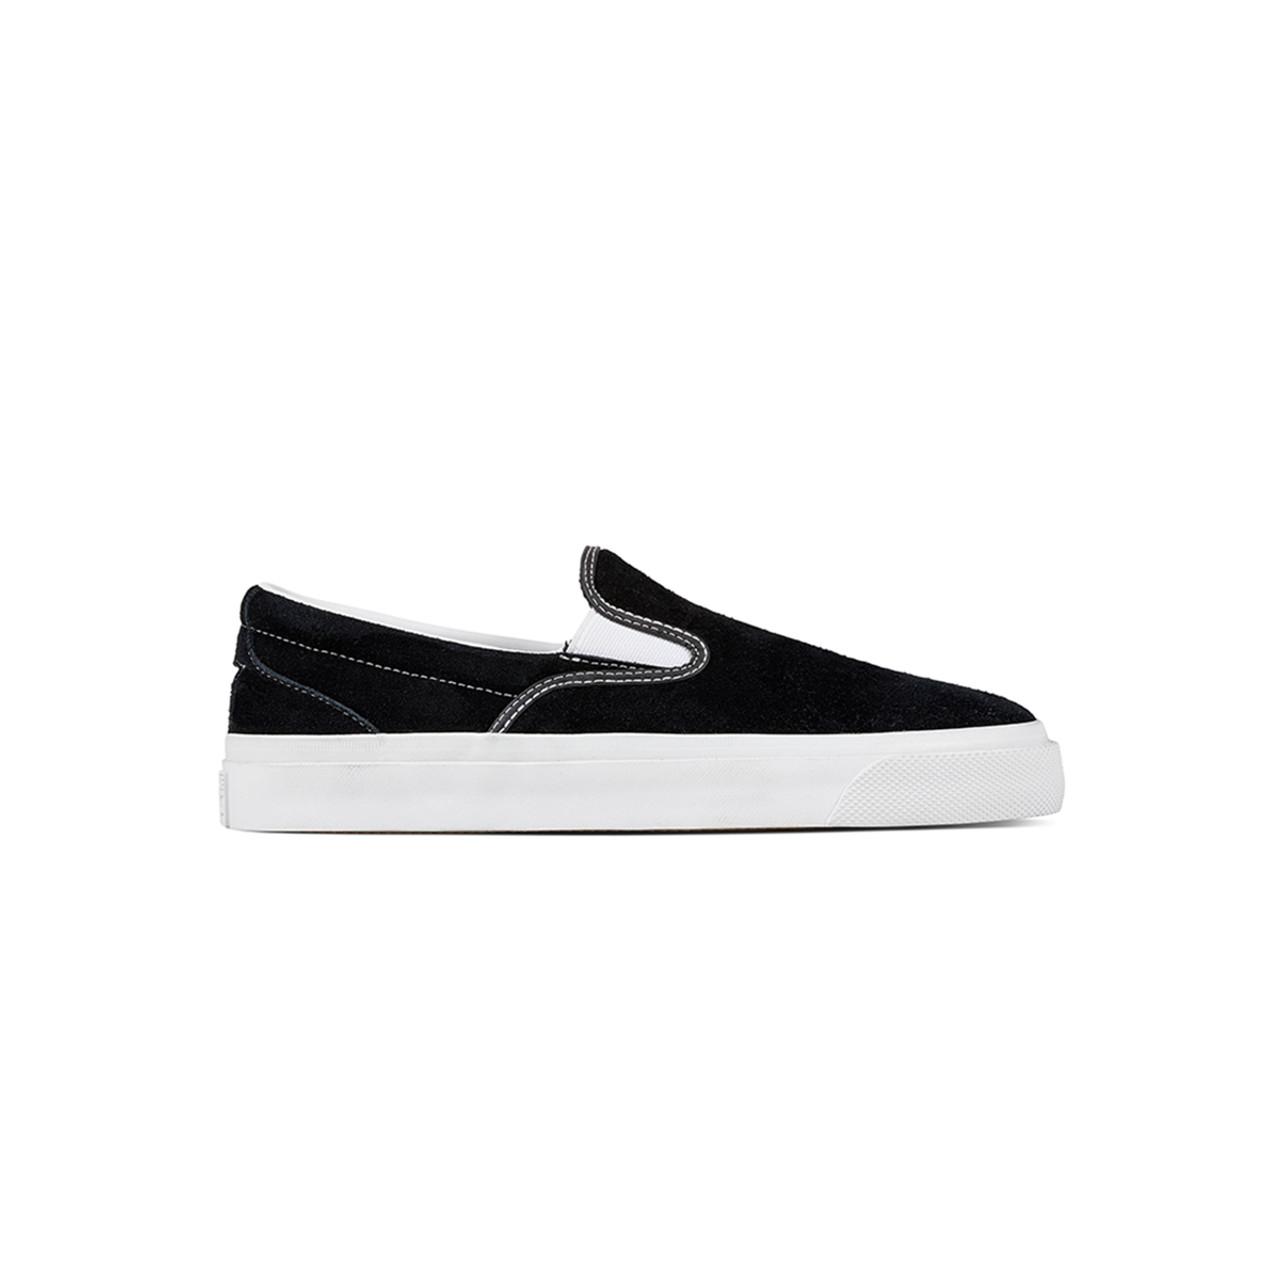 One Star CC Slip Pro - Black/White